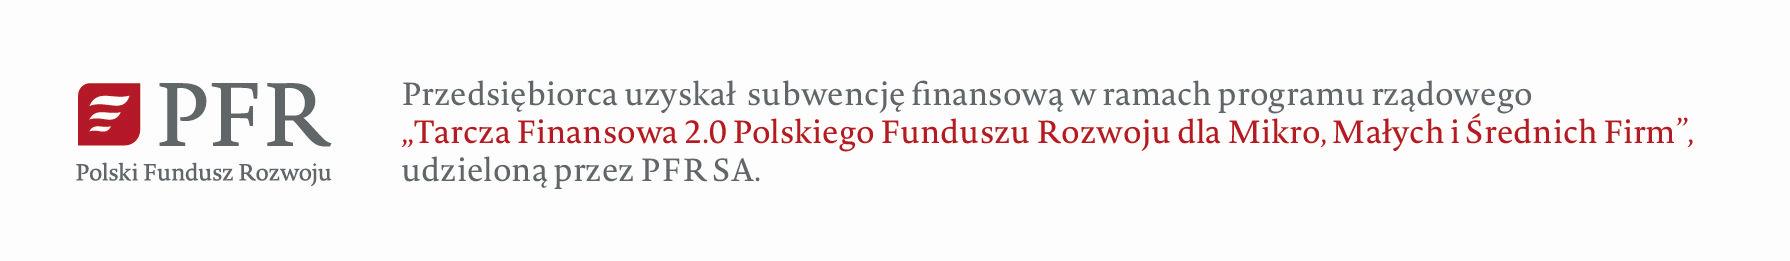 Przedsiębiorca uzyskał subwencję finansową w ramach programu rządowego 'Tarcza Finansowa 2.0 Polskiego Funduszu Rozwoju dla Mikro, Małych i Średnich Firm', Udzieloną przez PFR SA.